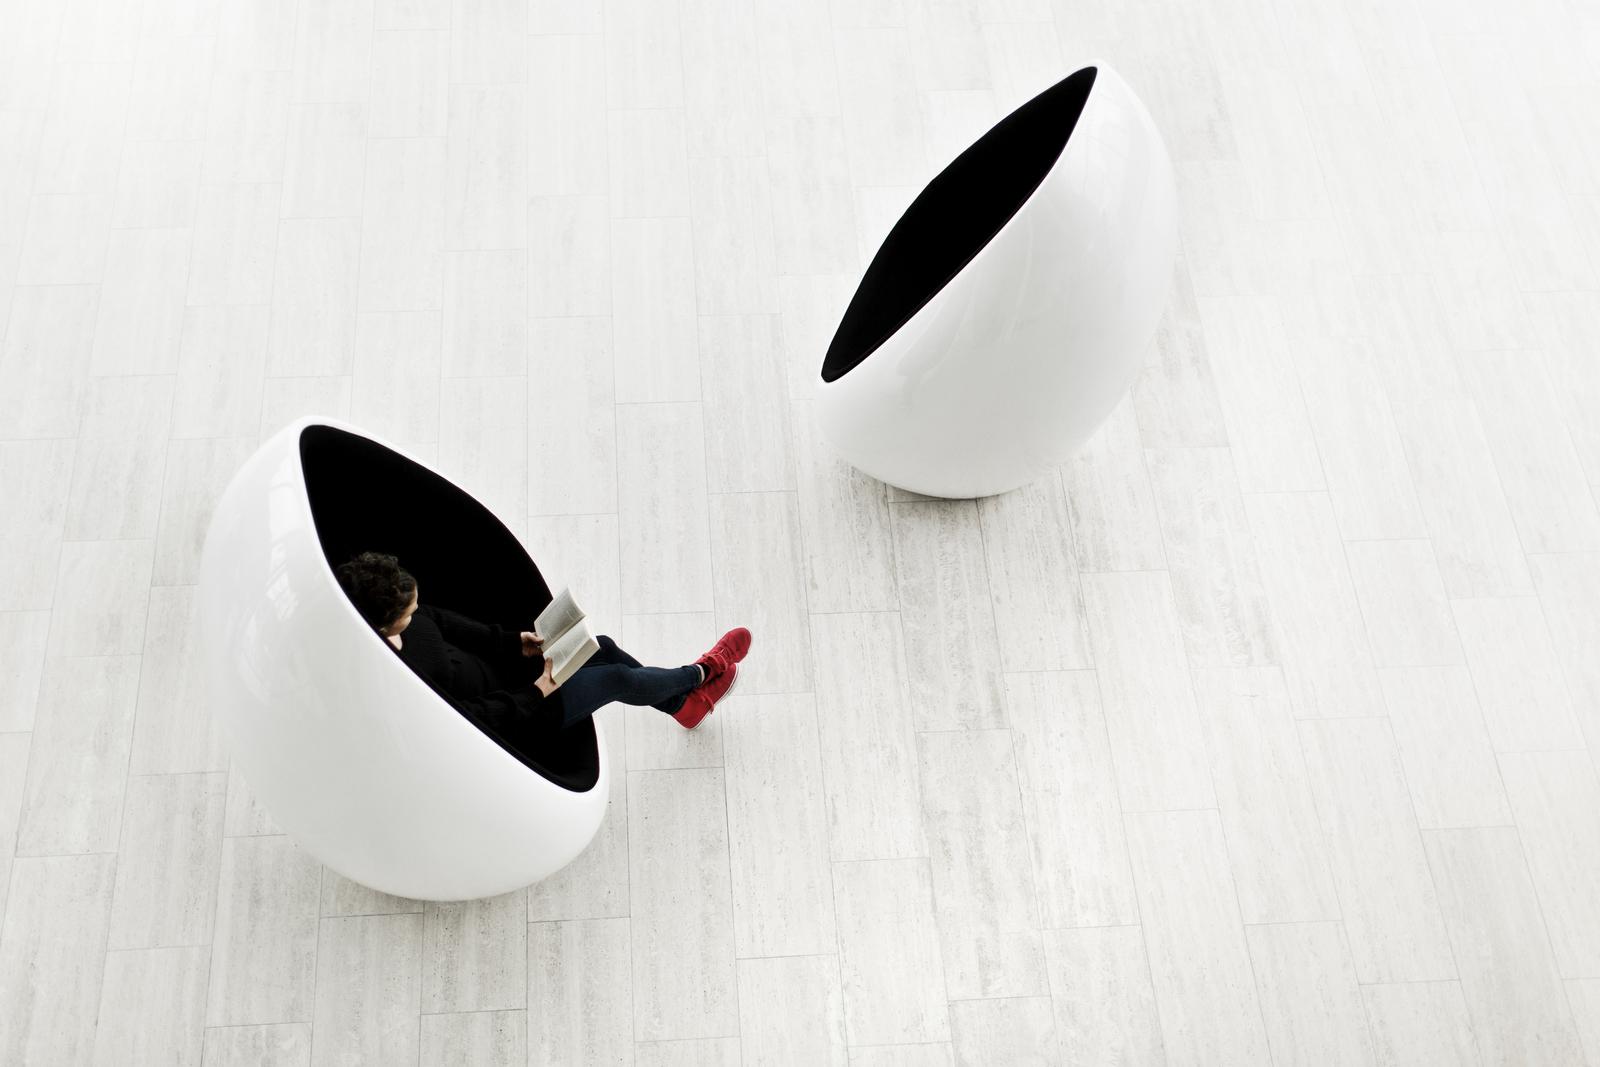 Fauteuils forme ovoïdale Koop noir et blanc et vis à vis Martela